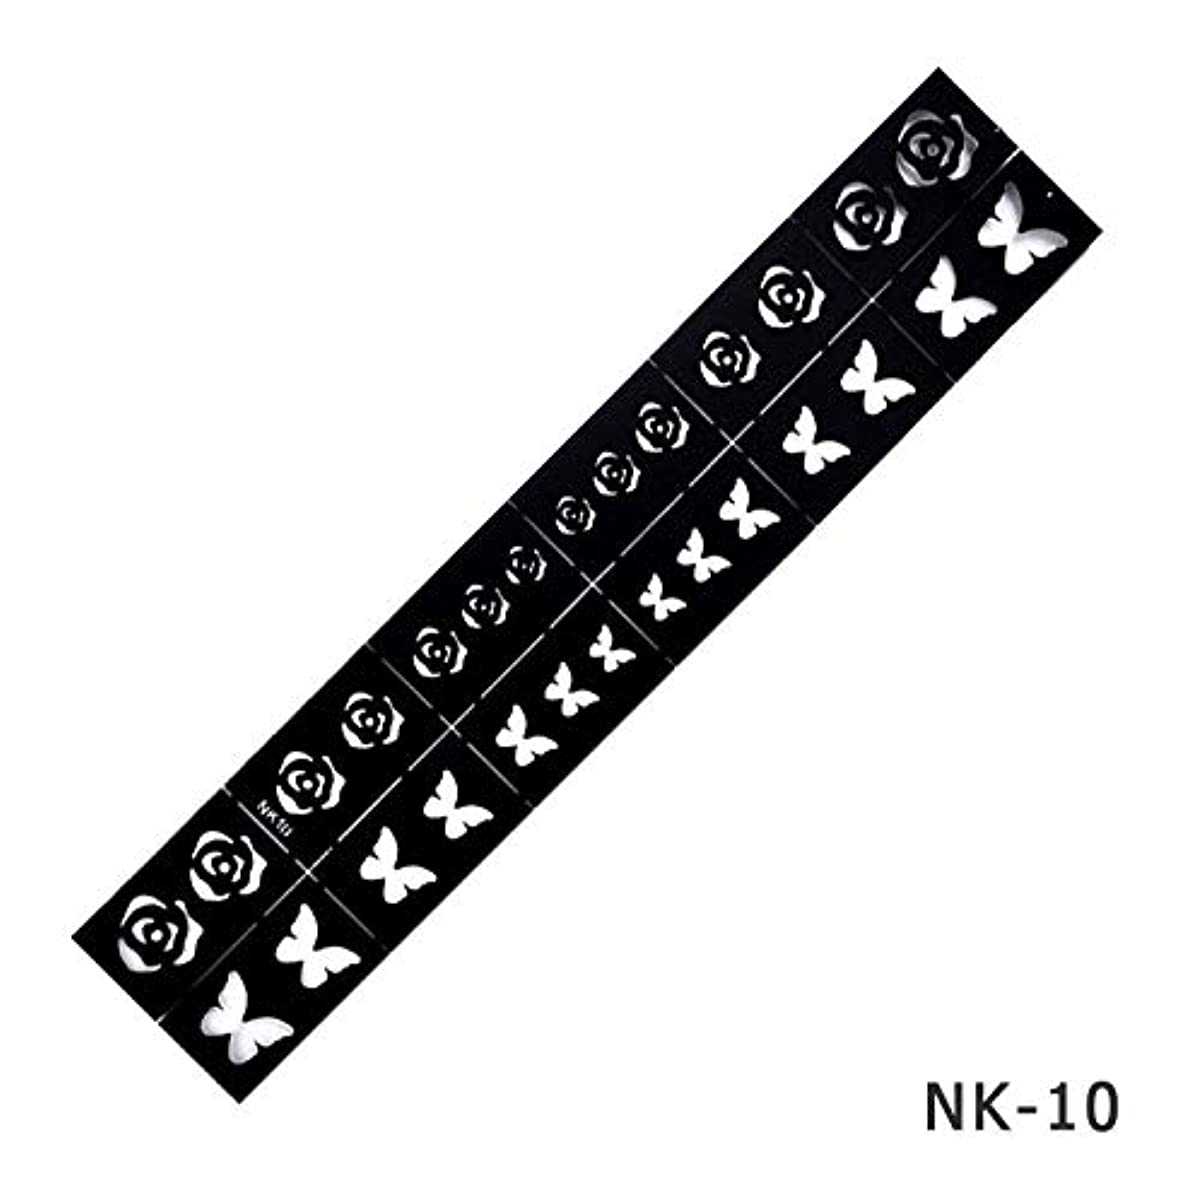 工夫する花火フェミニンSUKTI&XIAO ネイルステッカー 1シートネイルアートのヒントガイド中空ステッカークリスタルネイルテンプレート3Dステンシルデカールフォームスタイリングツール、Nk10